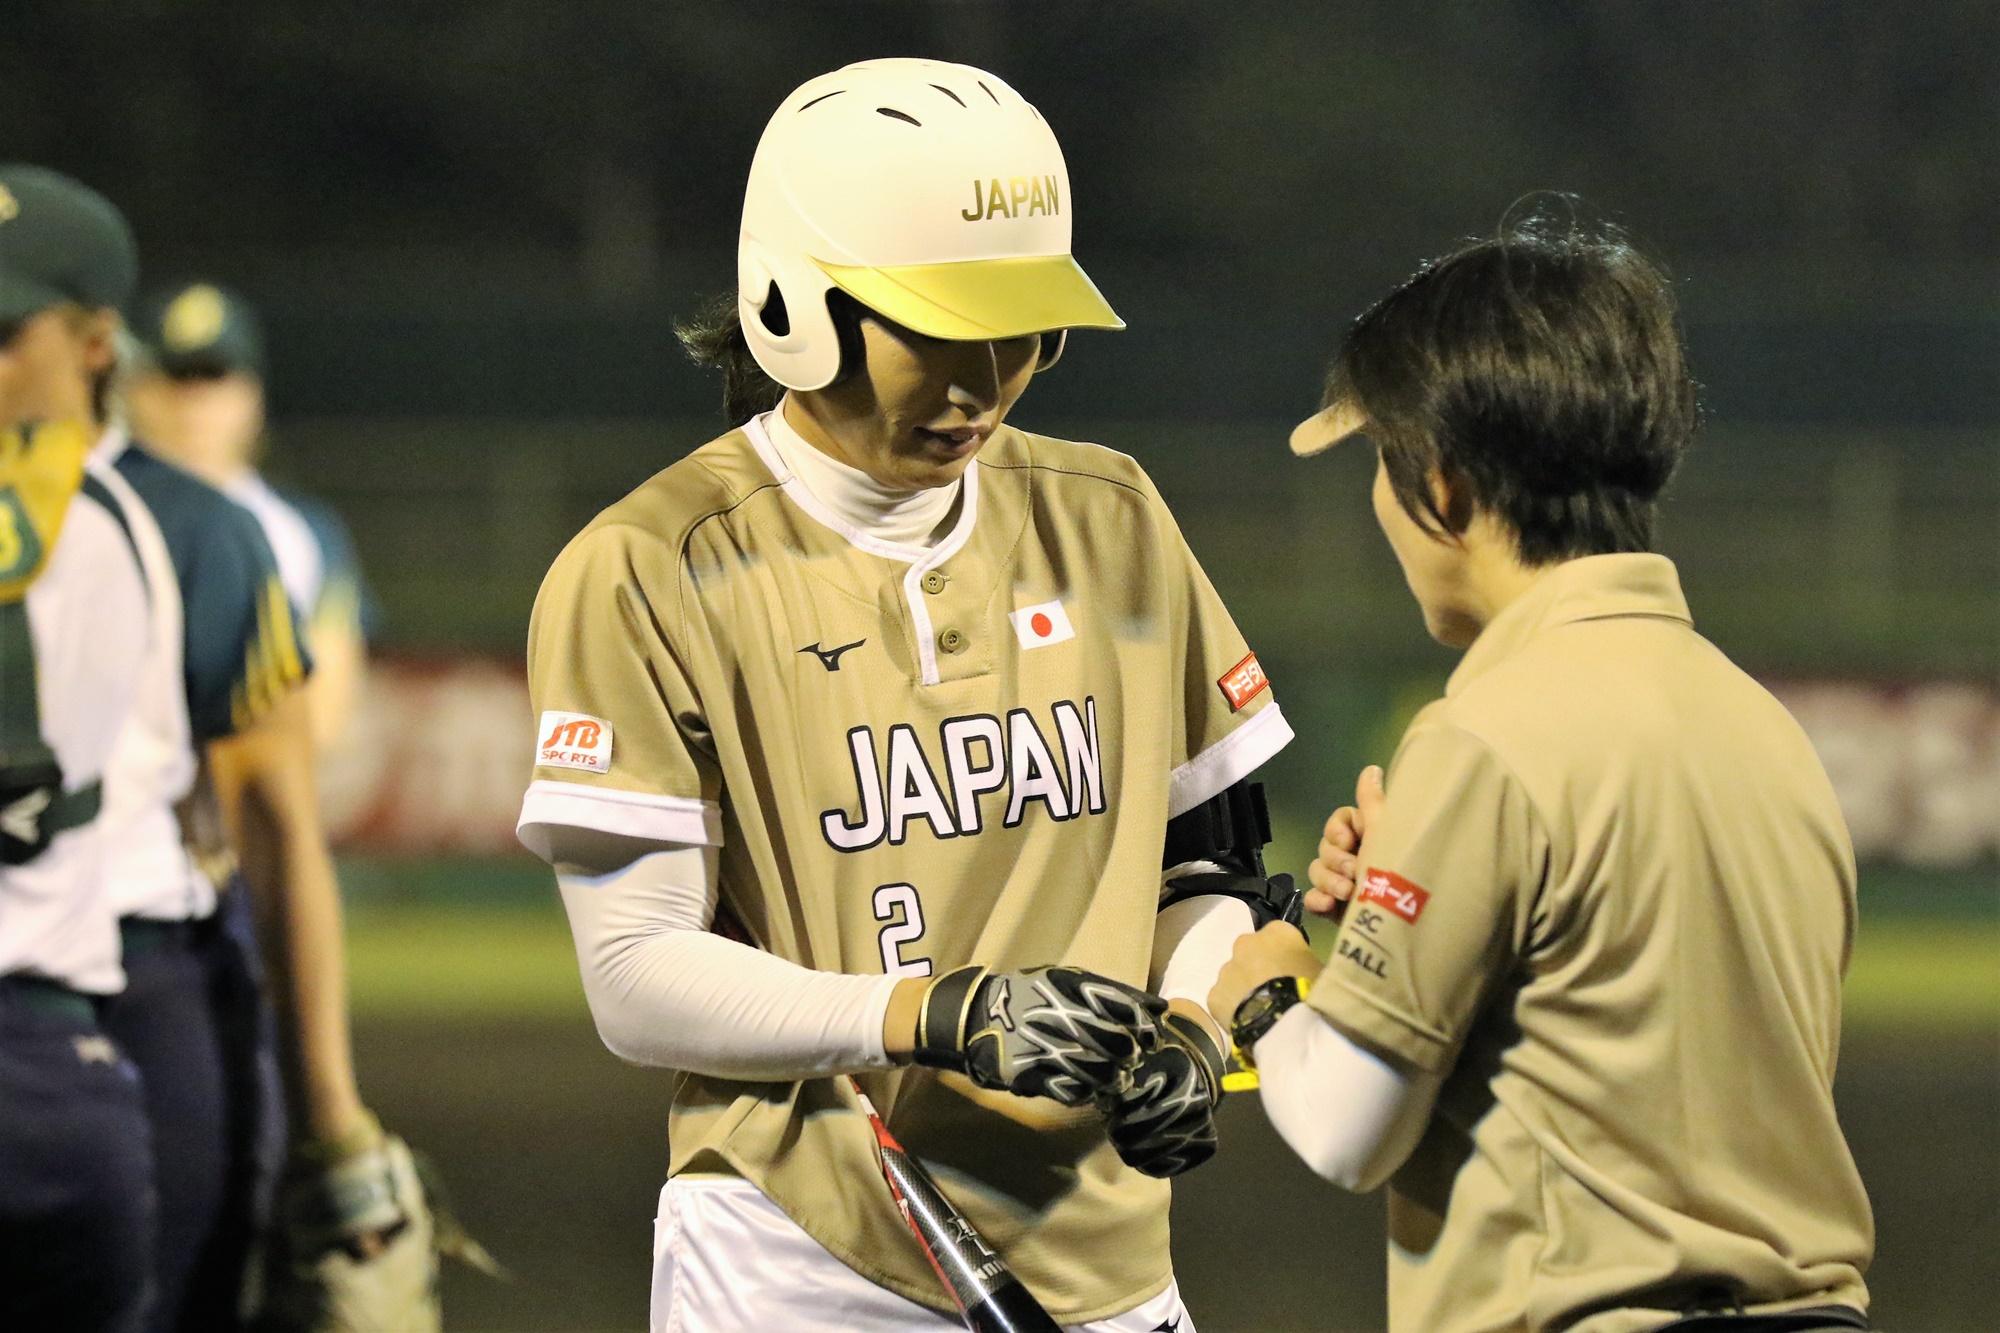 Saki Yamazaki, Japan's catcher